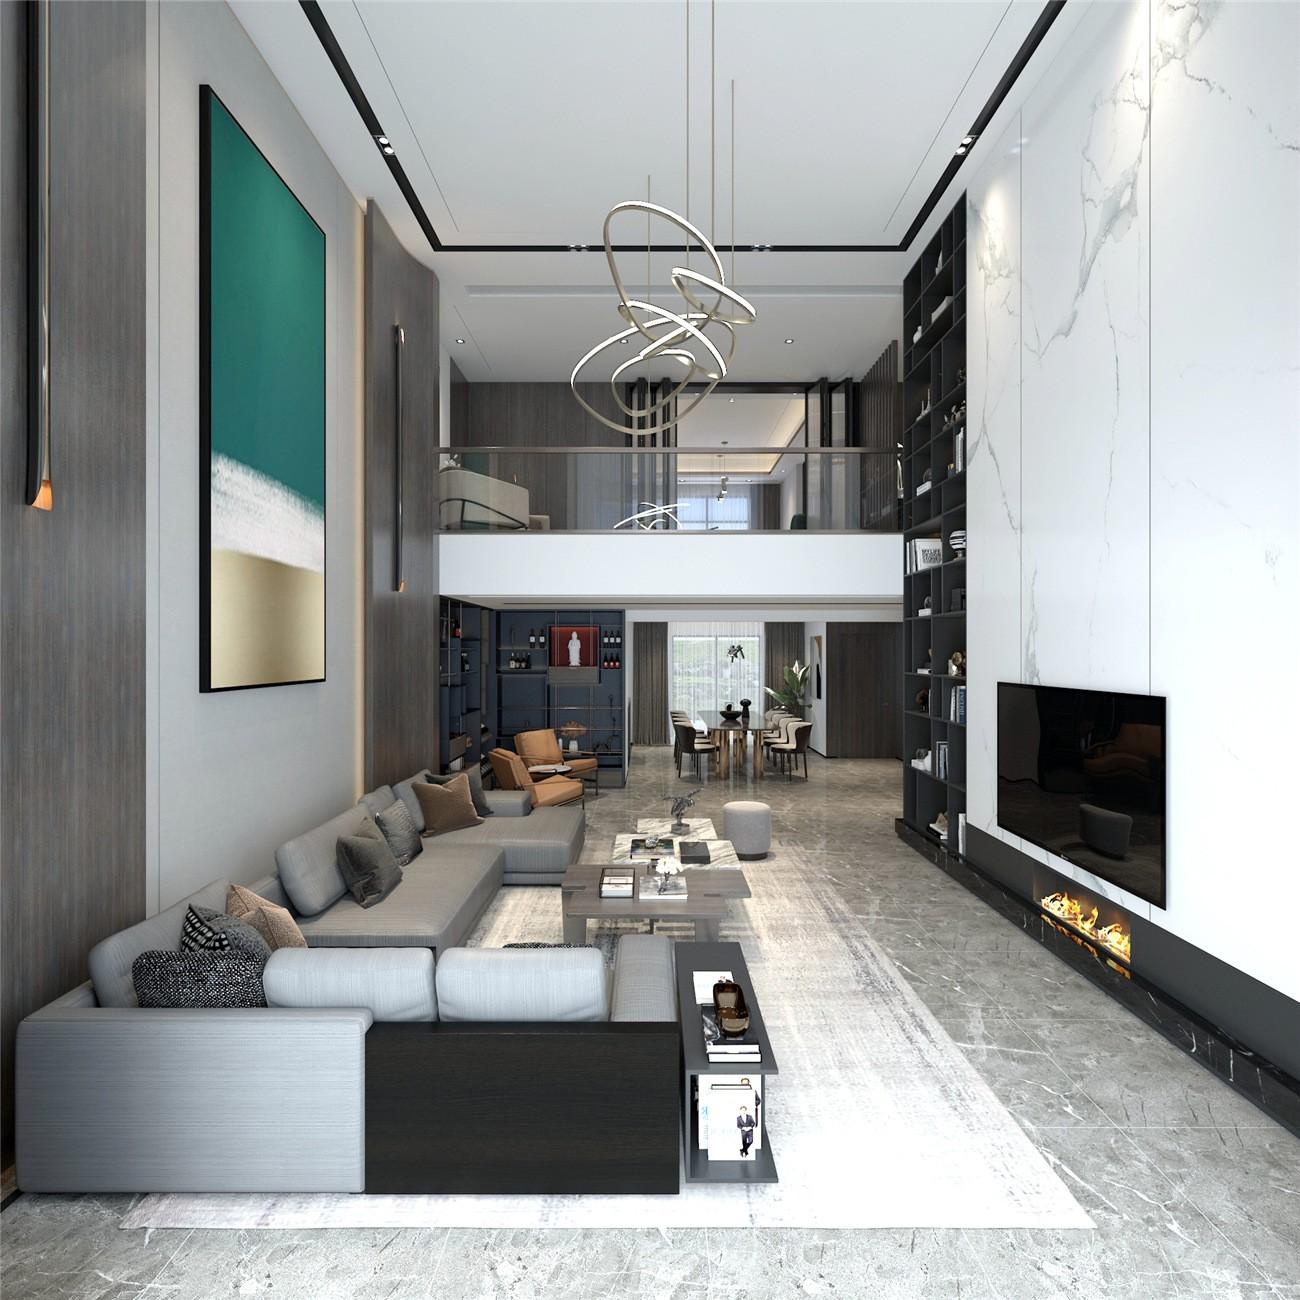 2020現代簡約300平米以上裝修效果圖片 2020現代簡約別墅裝飾設計